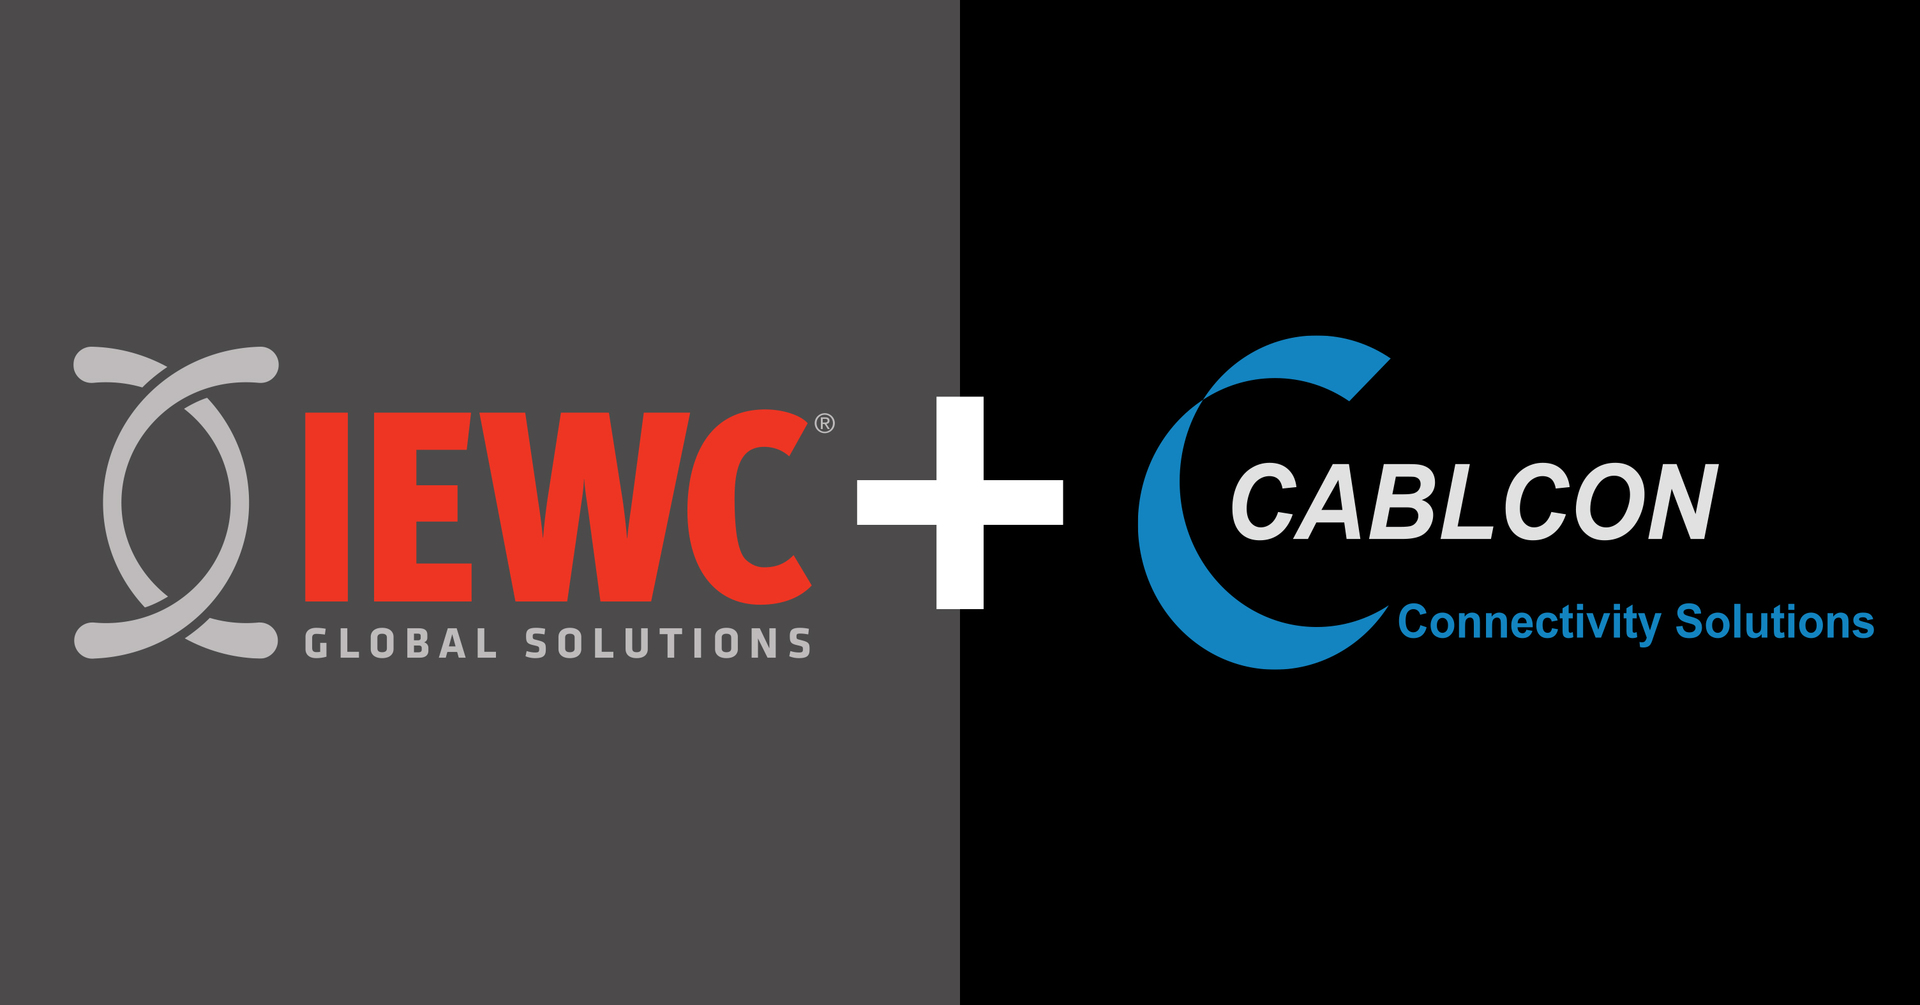 IEWC and Callcon logos